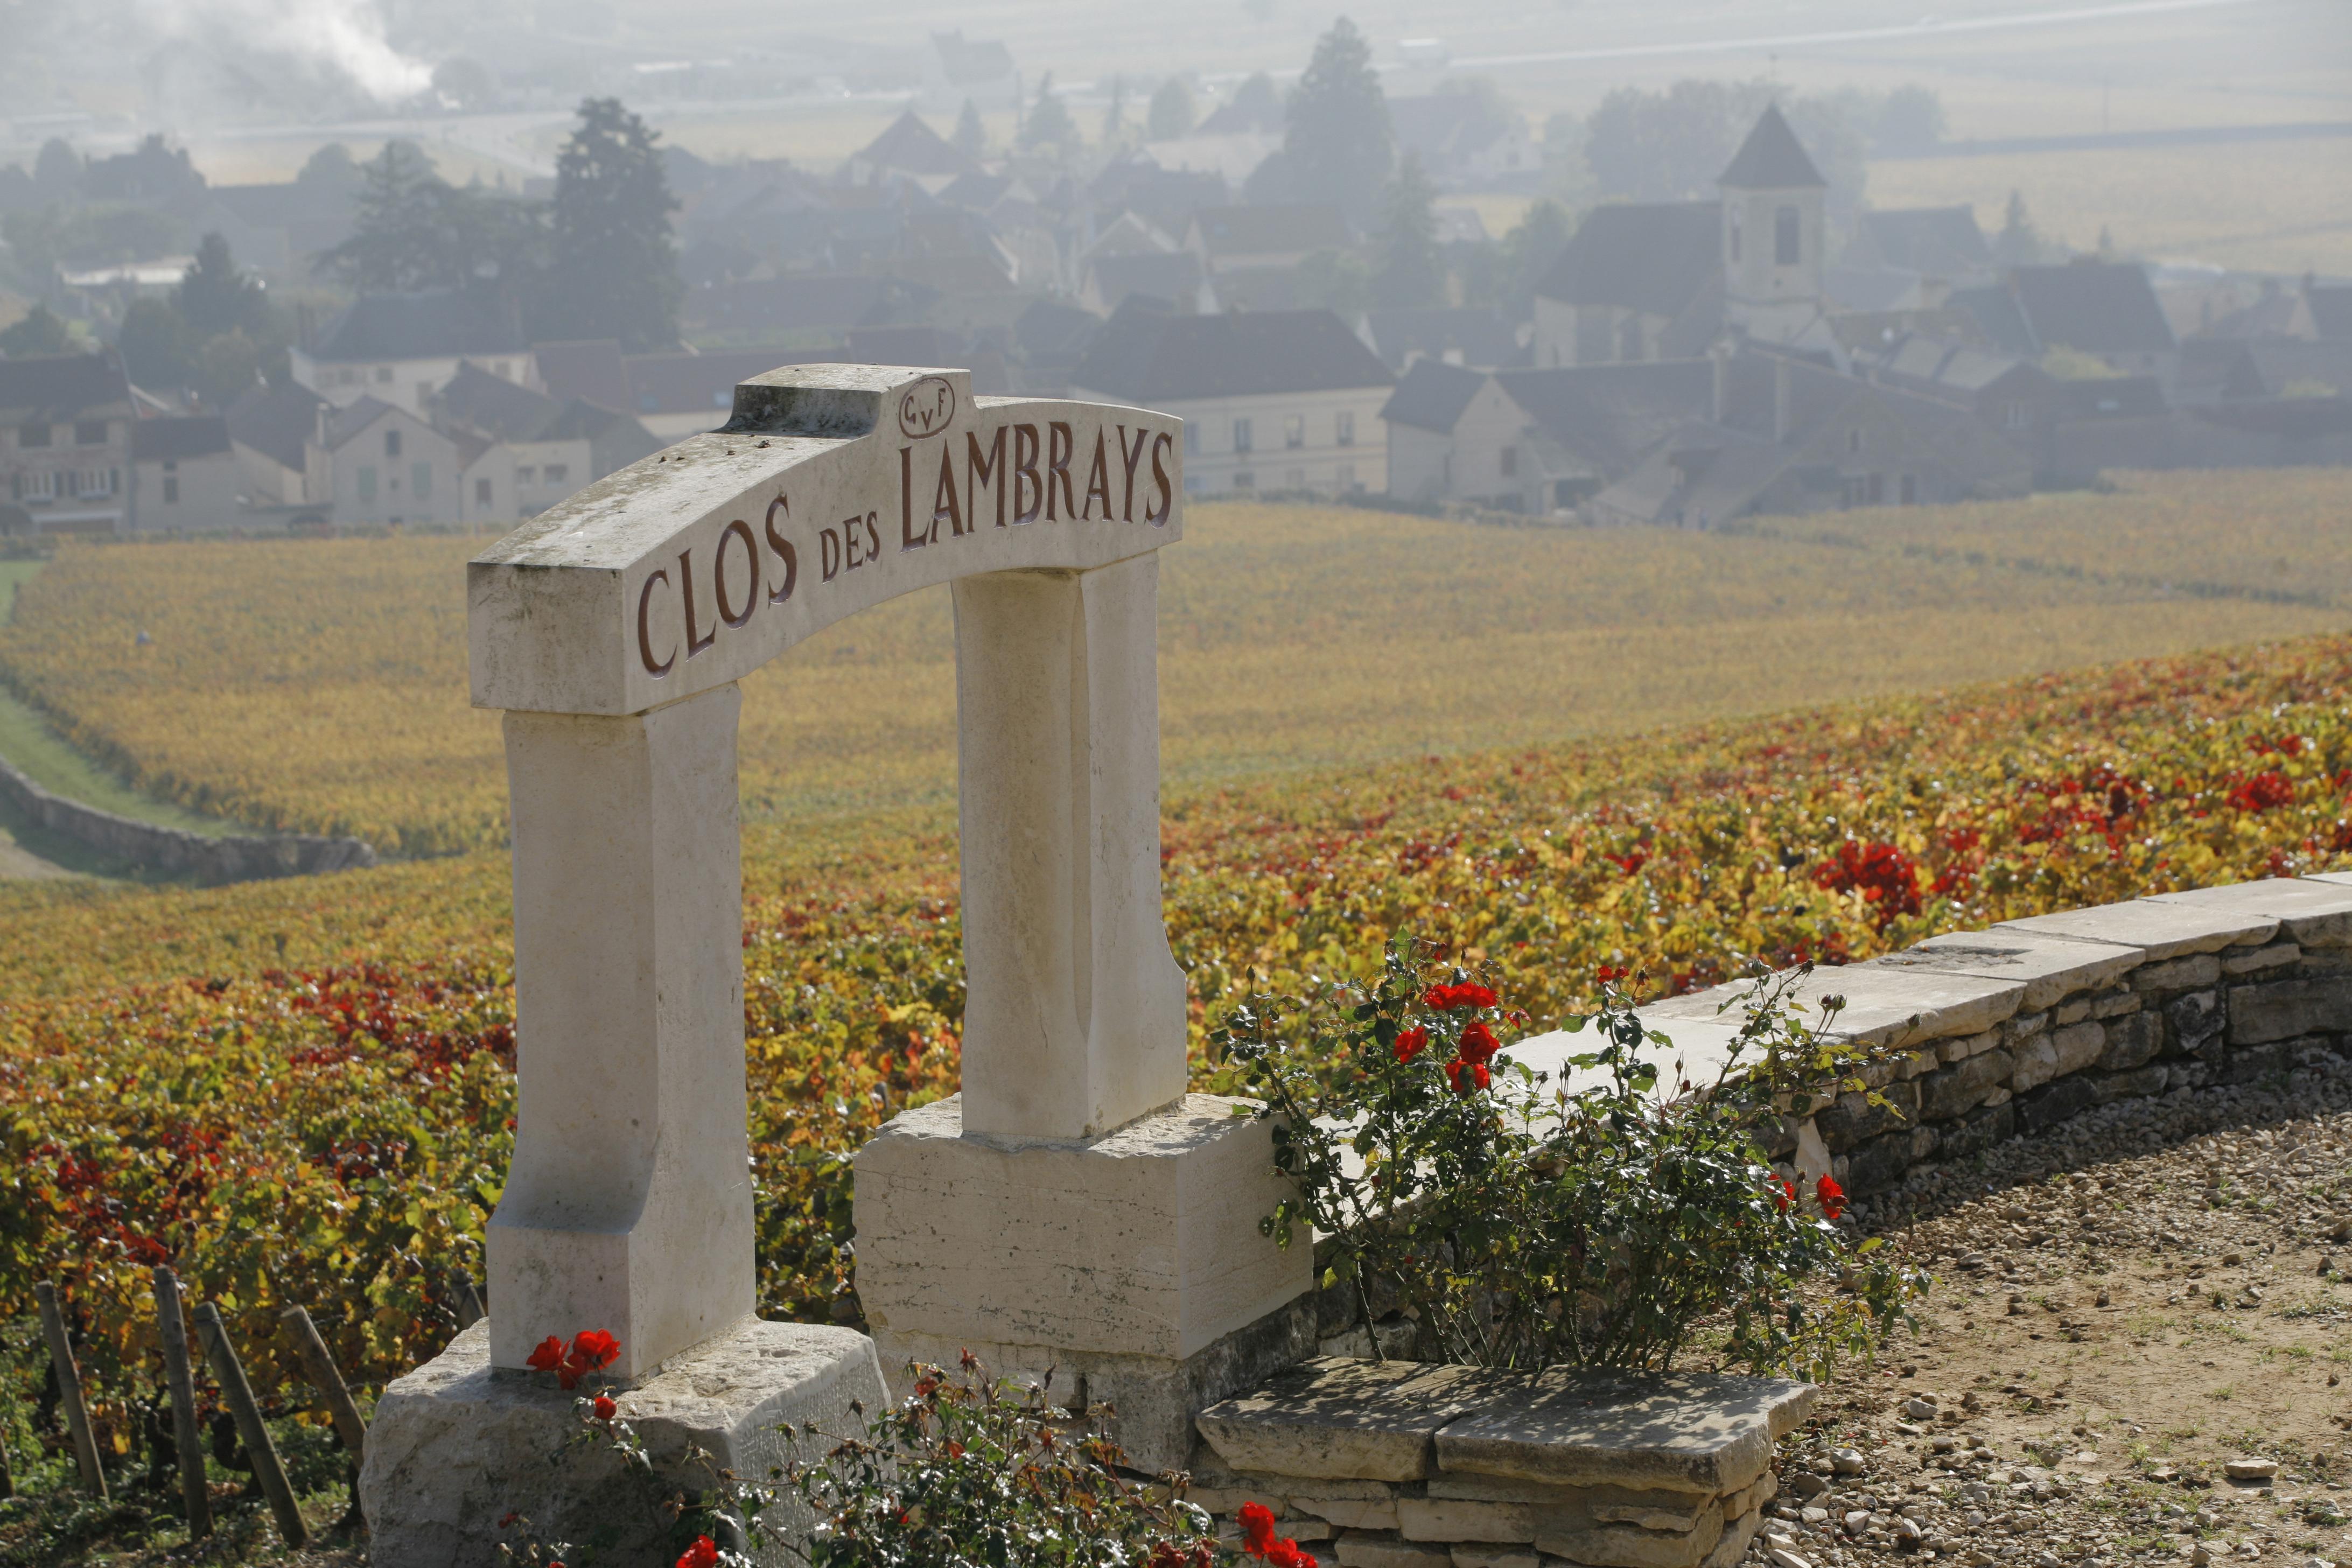 Clos des Lambrays©